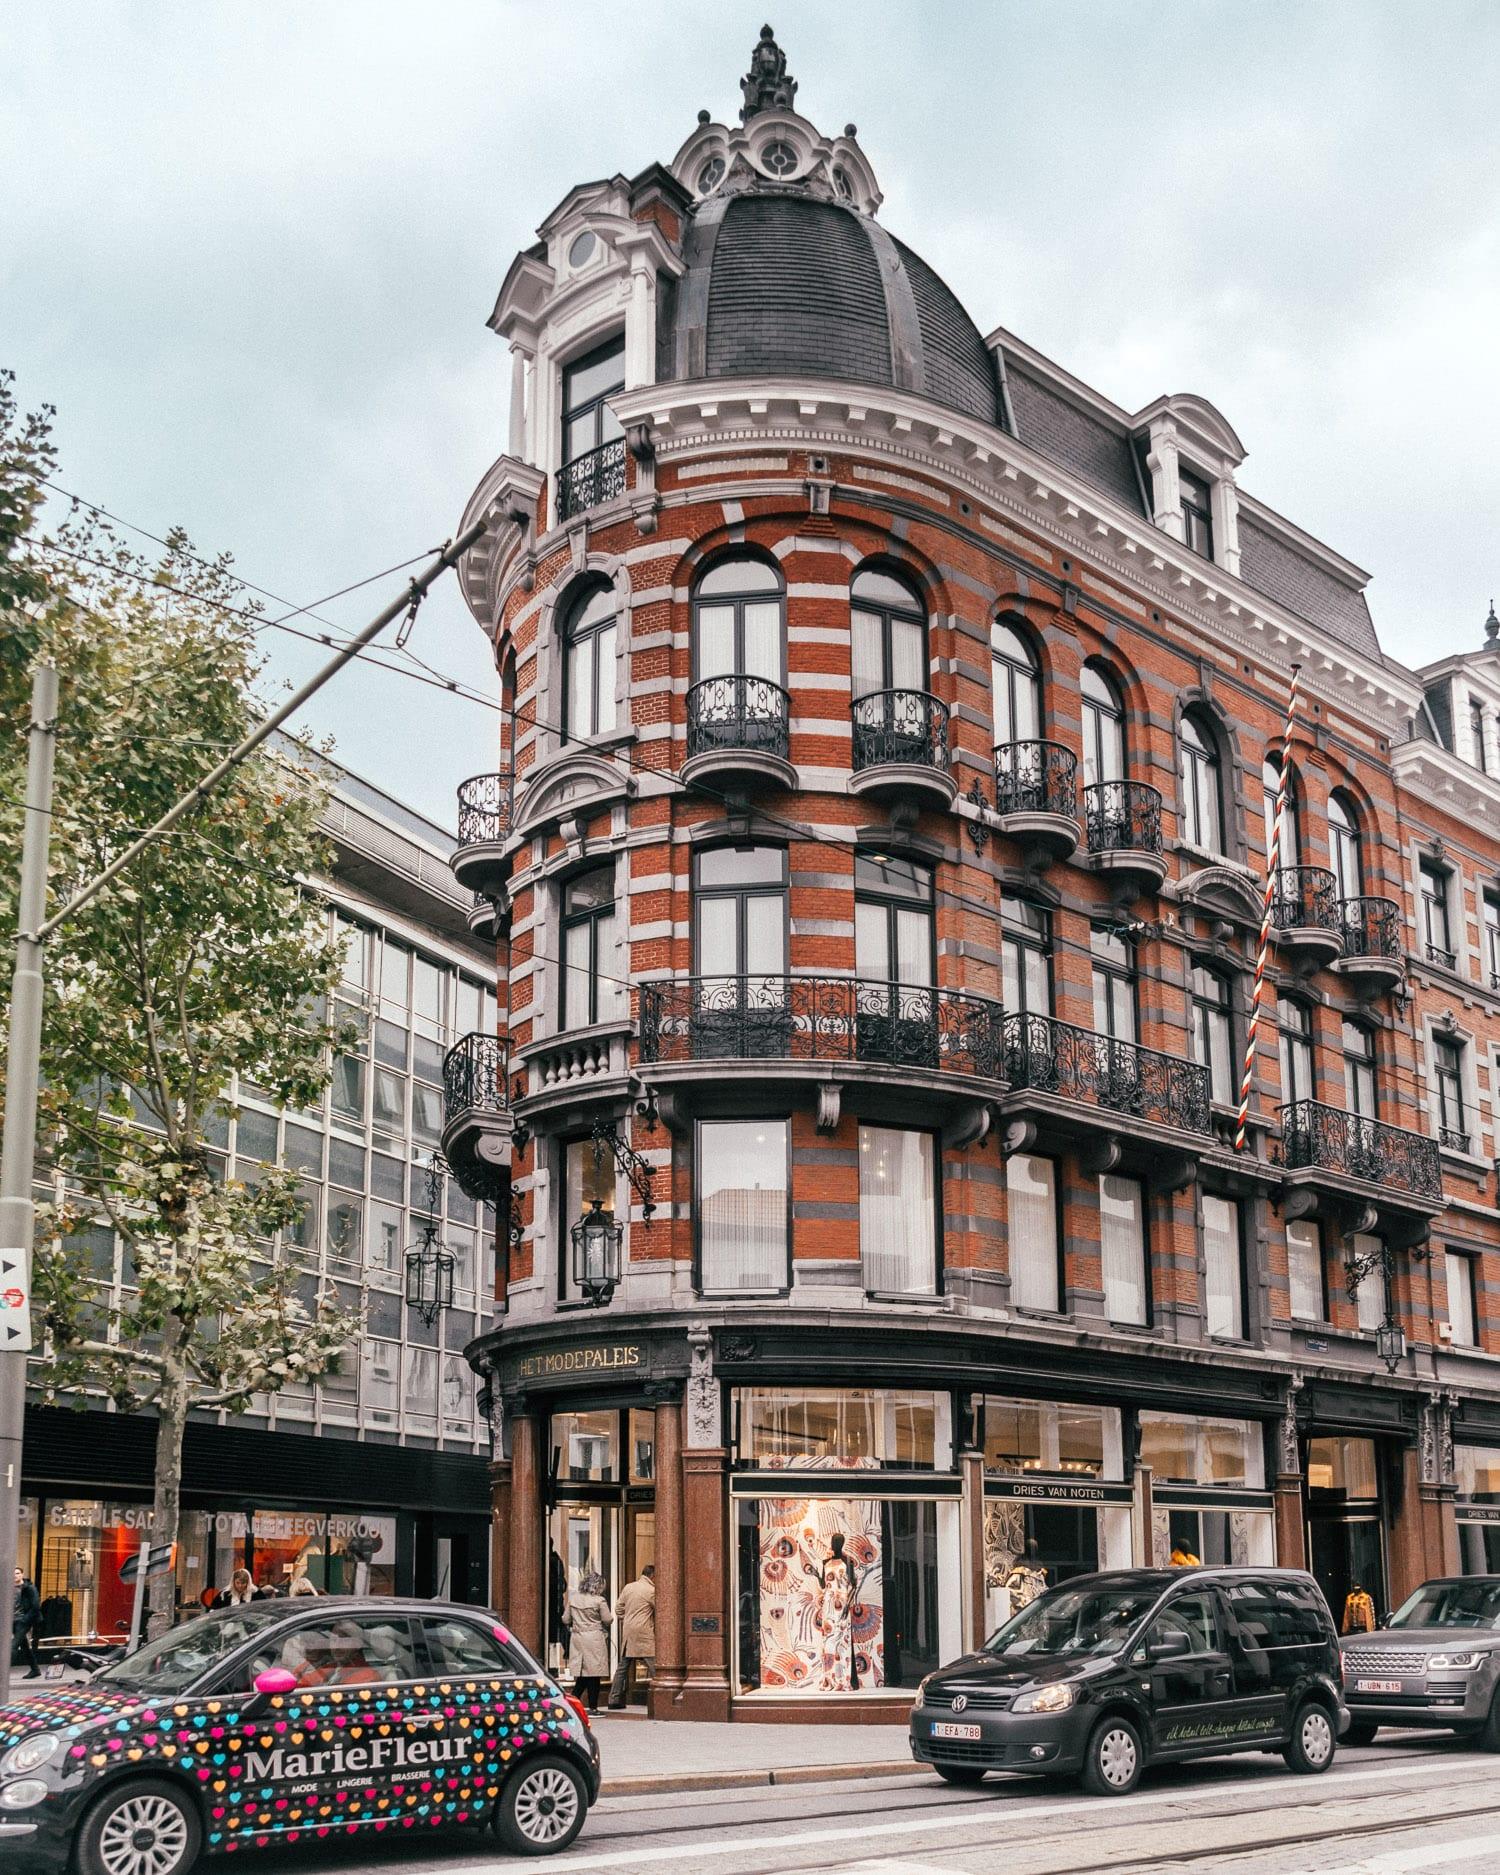 Dries Van Notens flaggskepsbutik Het Modepaleis i Antwerpen, Belgien